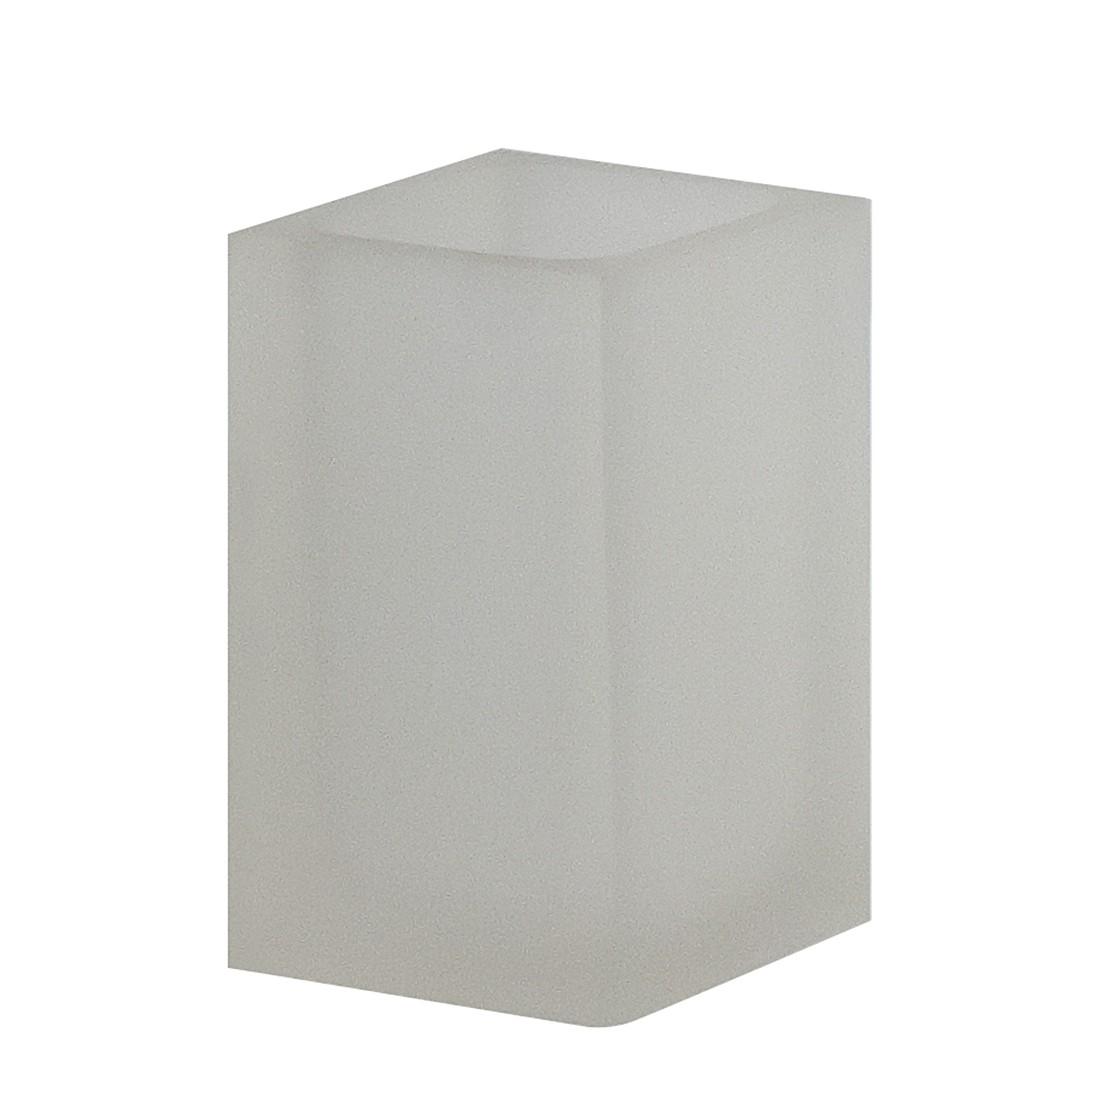 Beker Cube - Wit, Nicol Wohnausstattungen